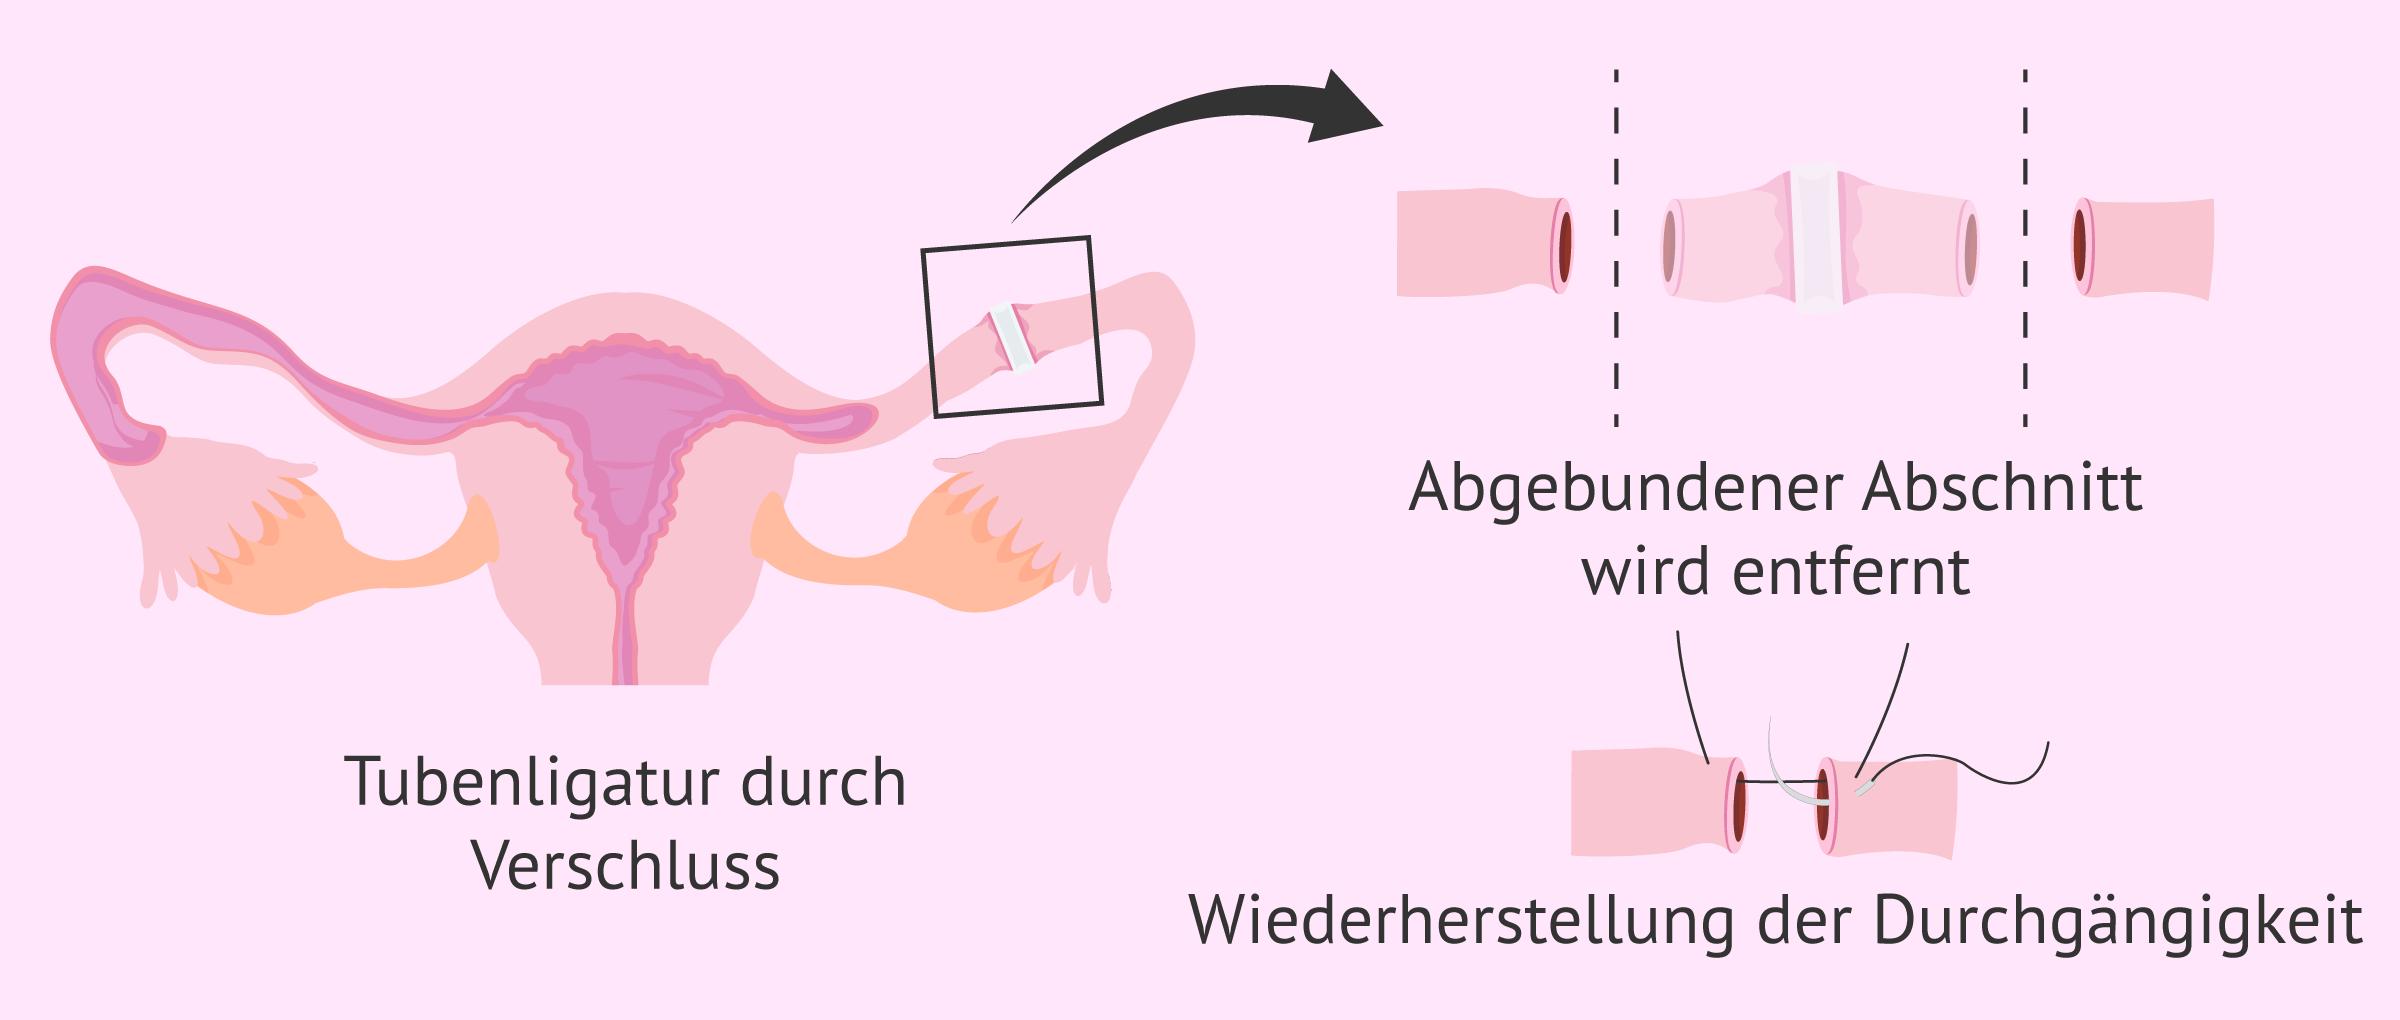 Refertilisierung bei Tubenligadur durch Verschluss